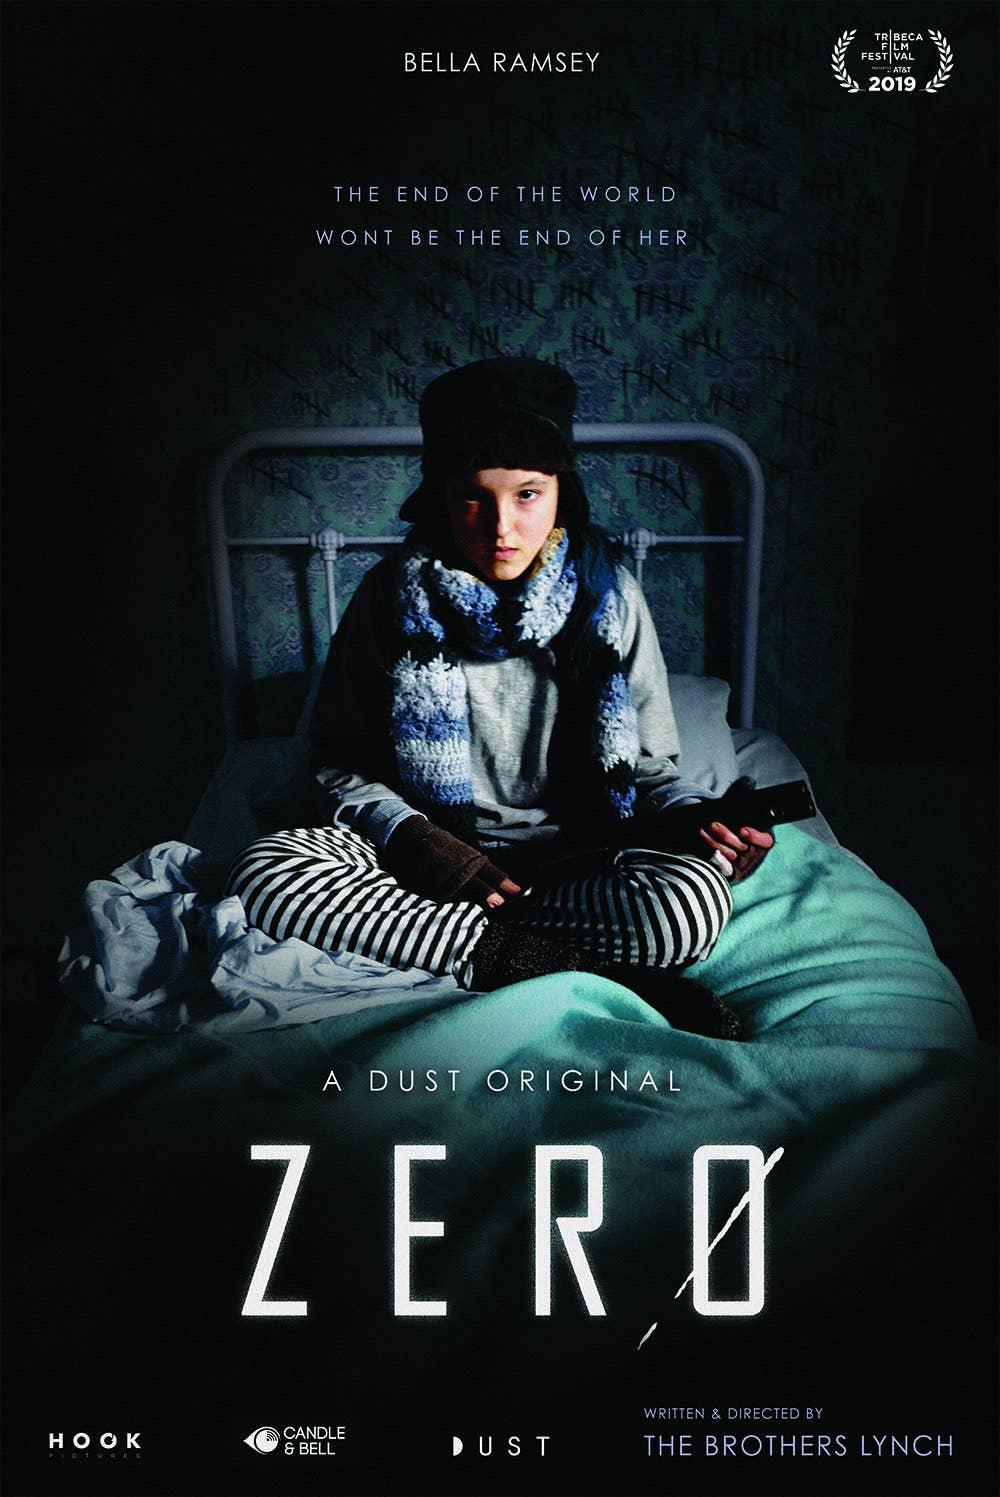 ZERO | Curta-metragem de ficção científica com Bella Ramsey de GAME OF THRONES